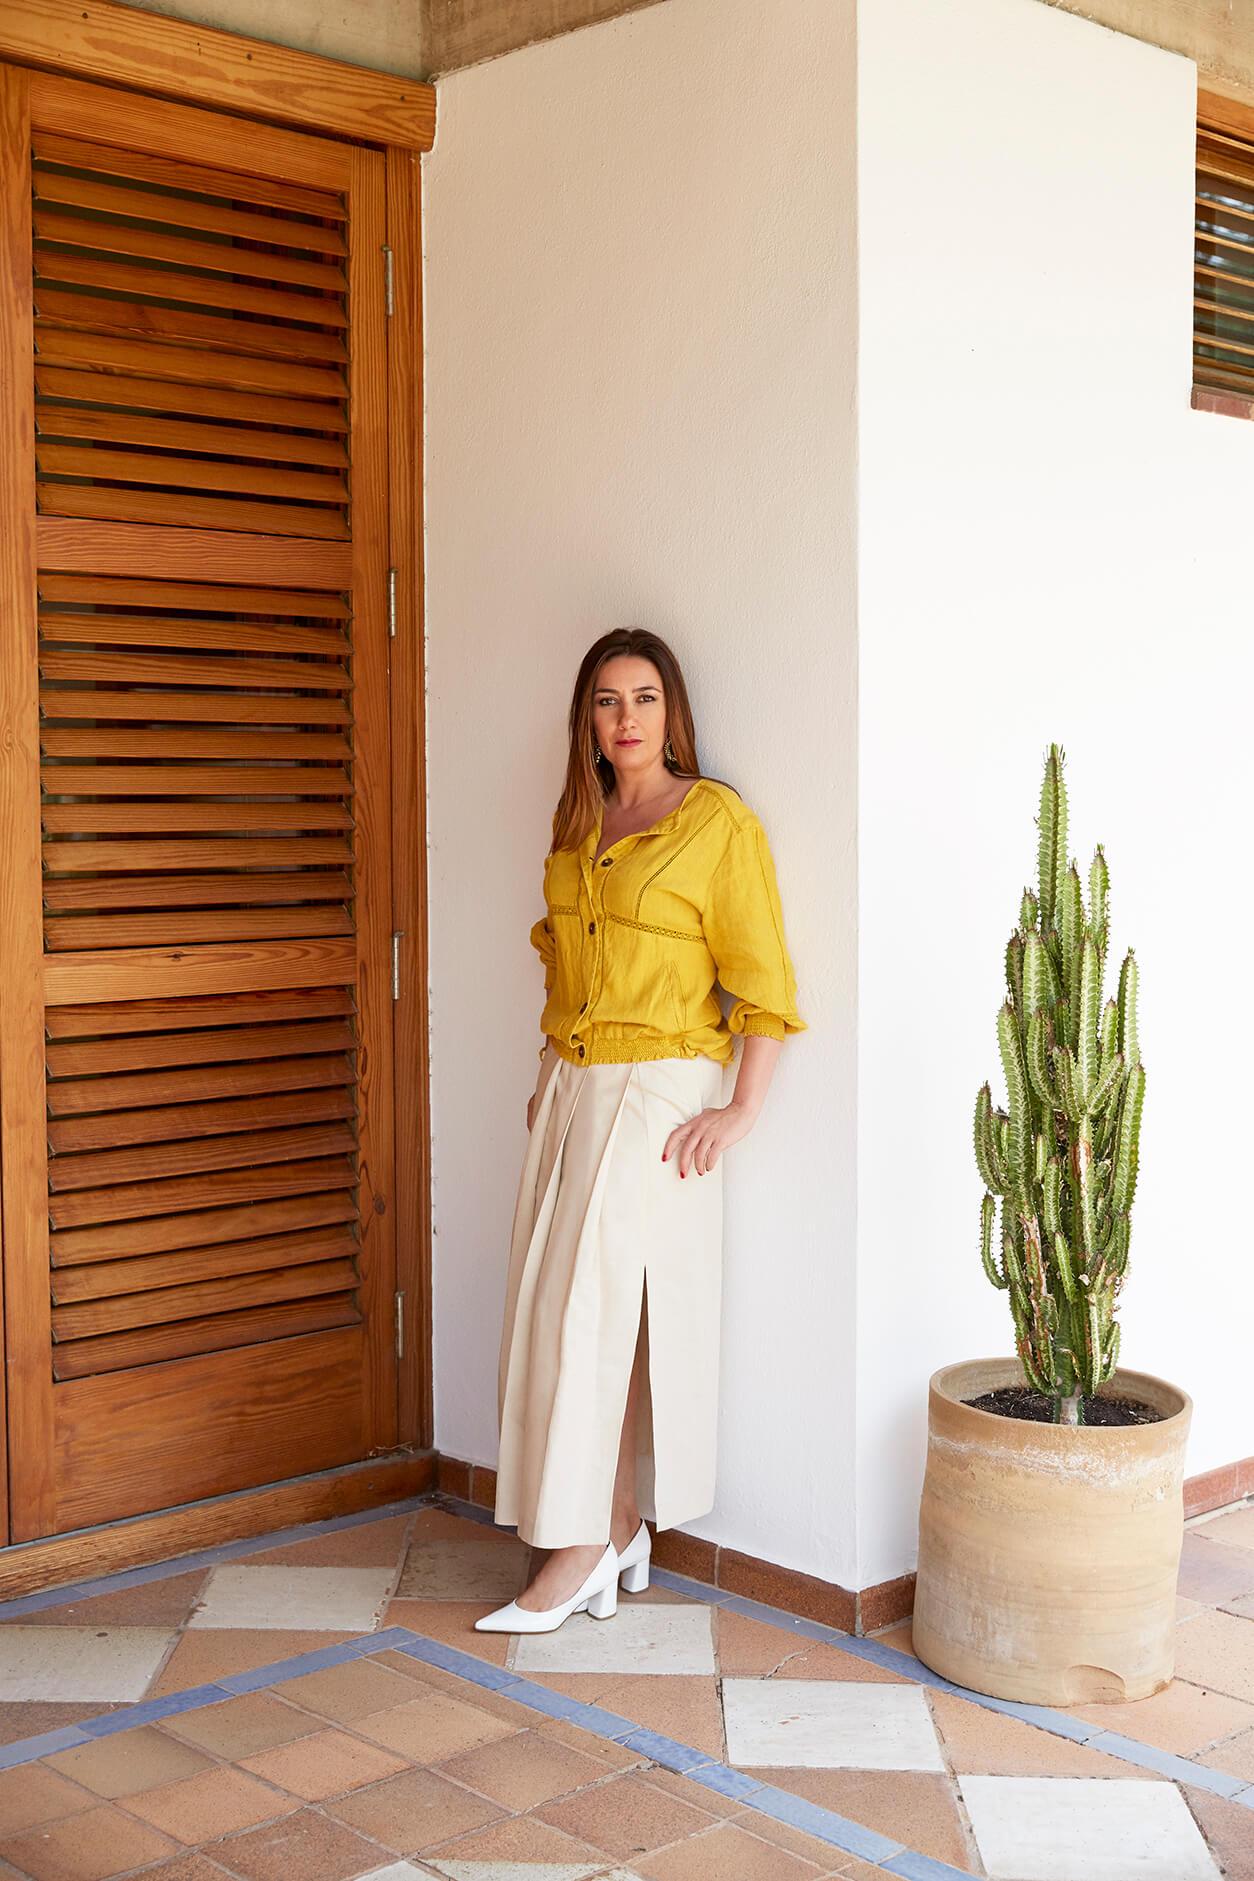 Úrsula Mascaró lleva cazadora de Zara Basic, Falda de Max Mara Weekend y zapatos de Mascaró. (Foto: Leticia Díaz)